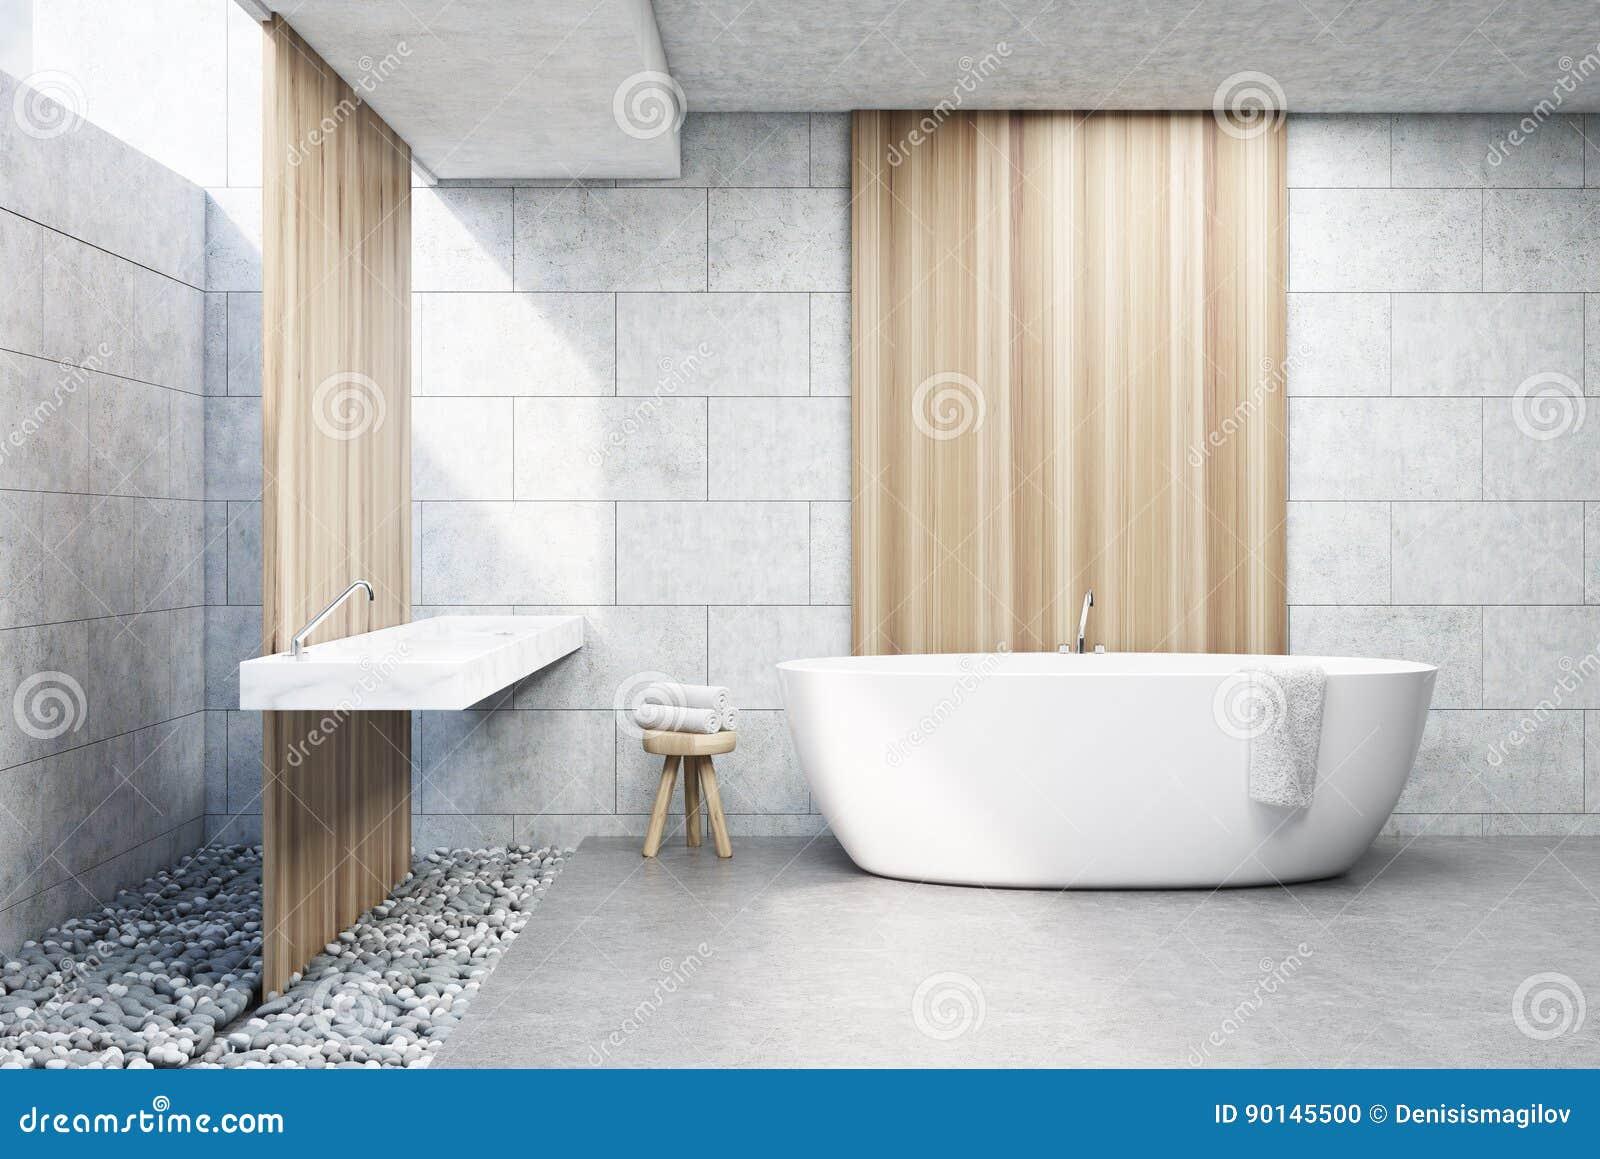 Szara Ceglana łazienka Biała Balia Przód Ilustracji